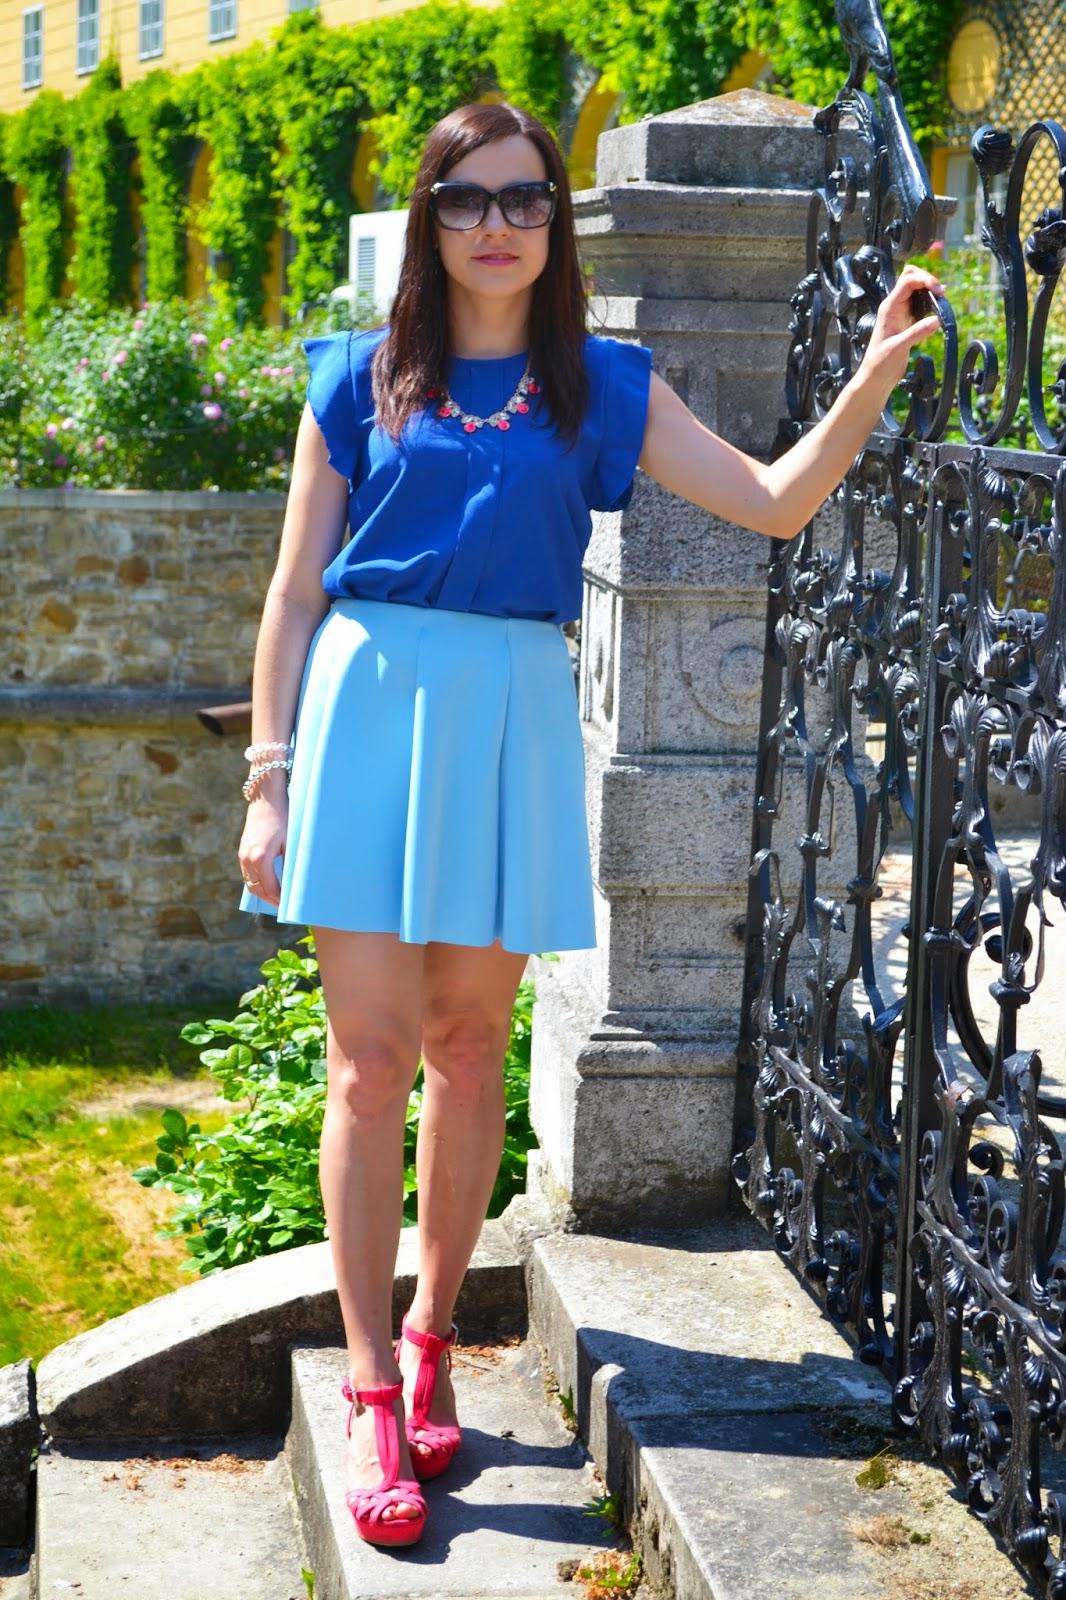 niebieska spódnica, szafirowa bluzka, kolorowa stylizacja, stylizacje na lato